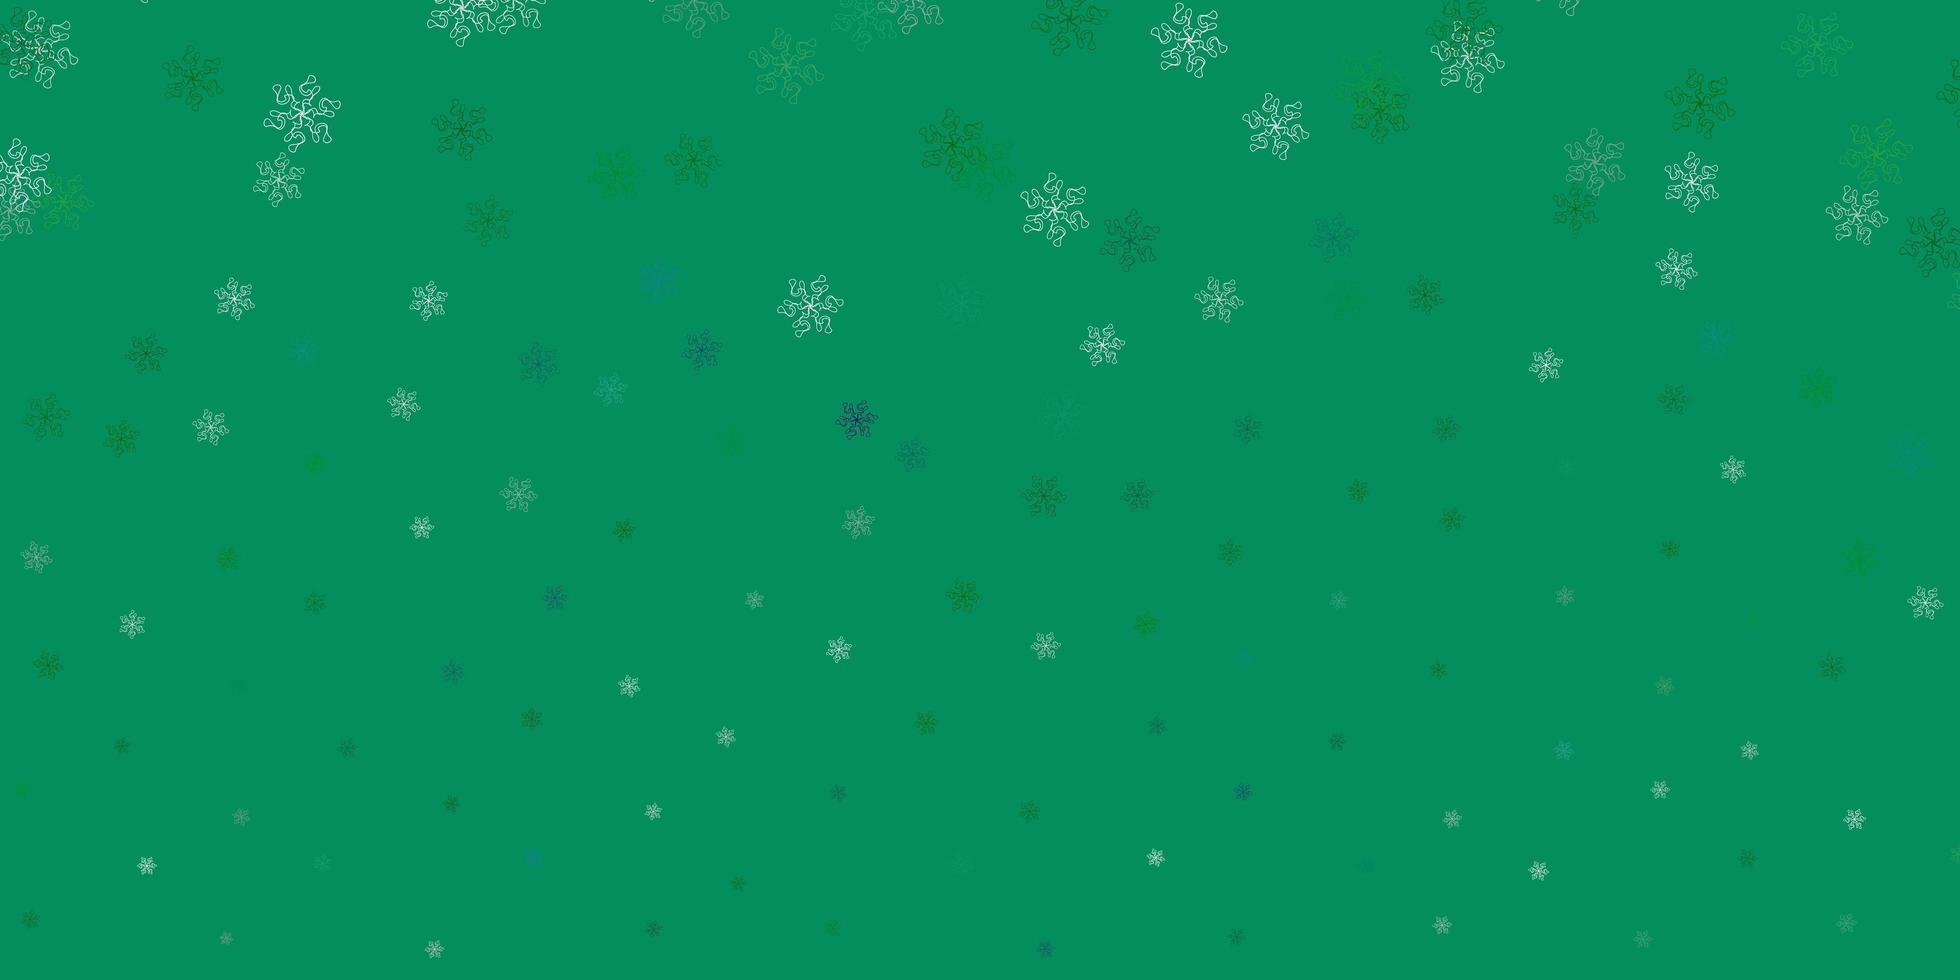 ilustraciones naturales del vector verde claro con flores.